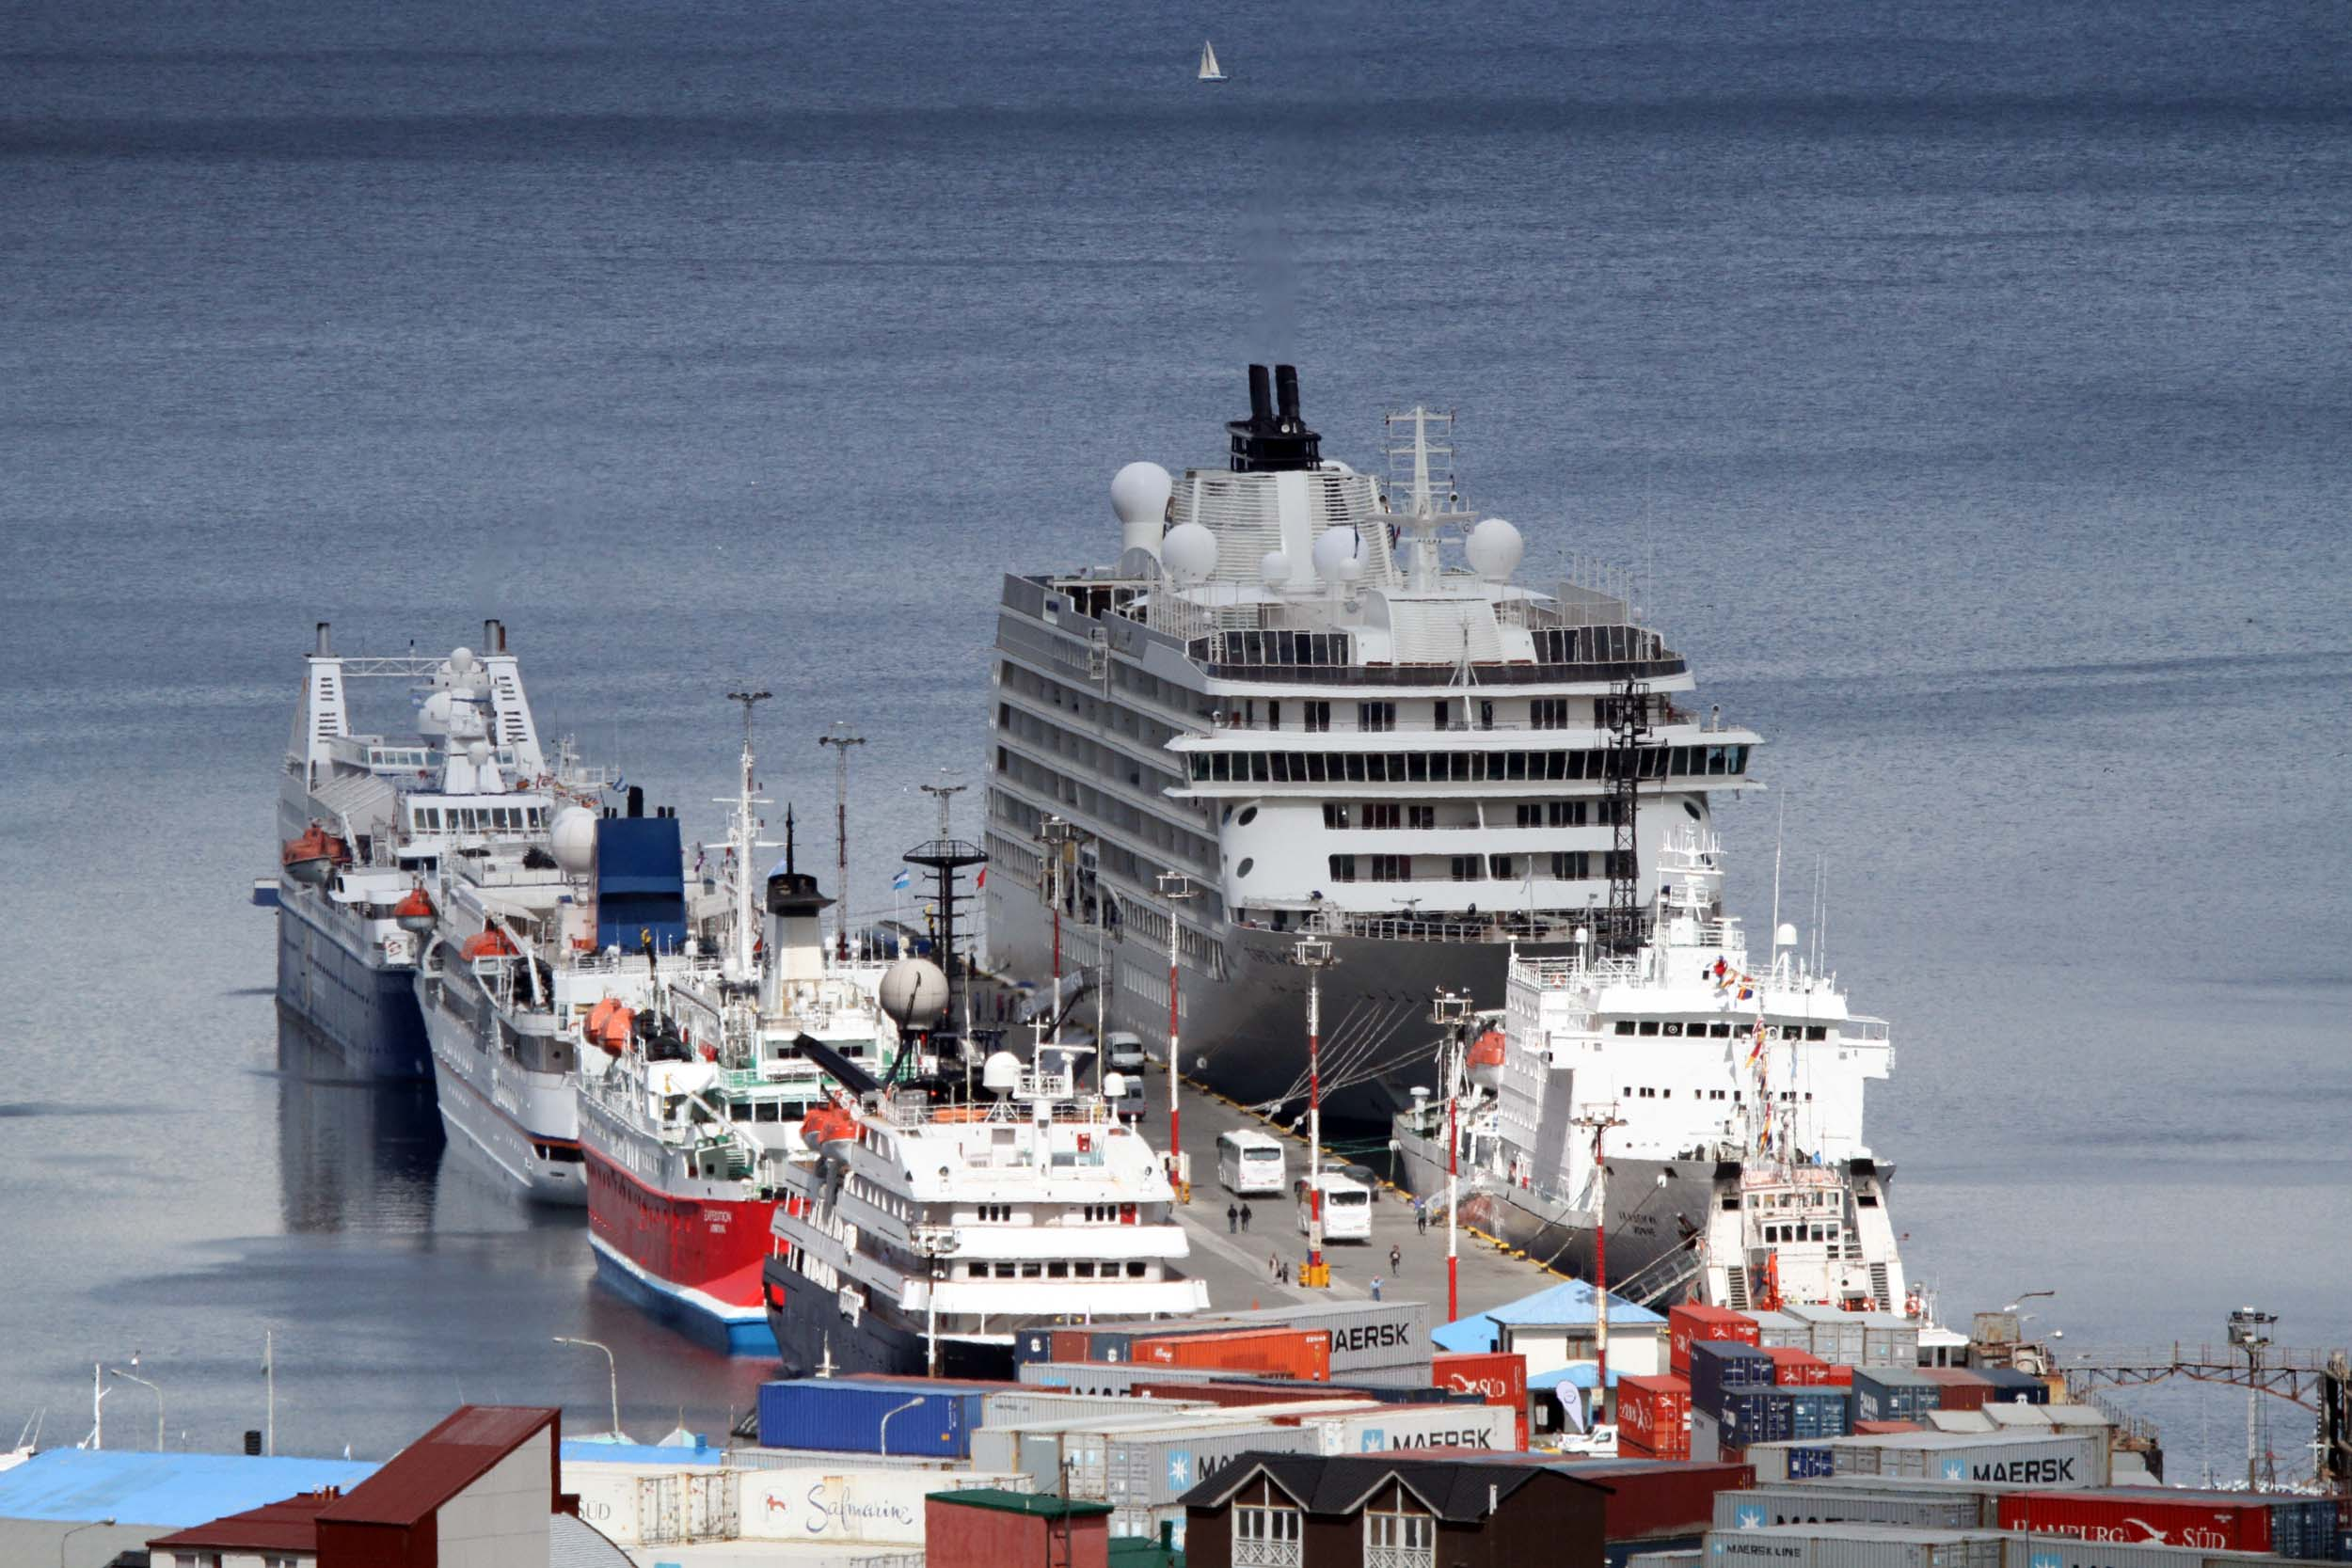 Cruceros en el puerto de Ushuaia 1